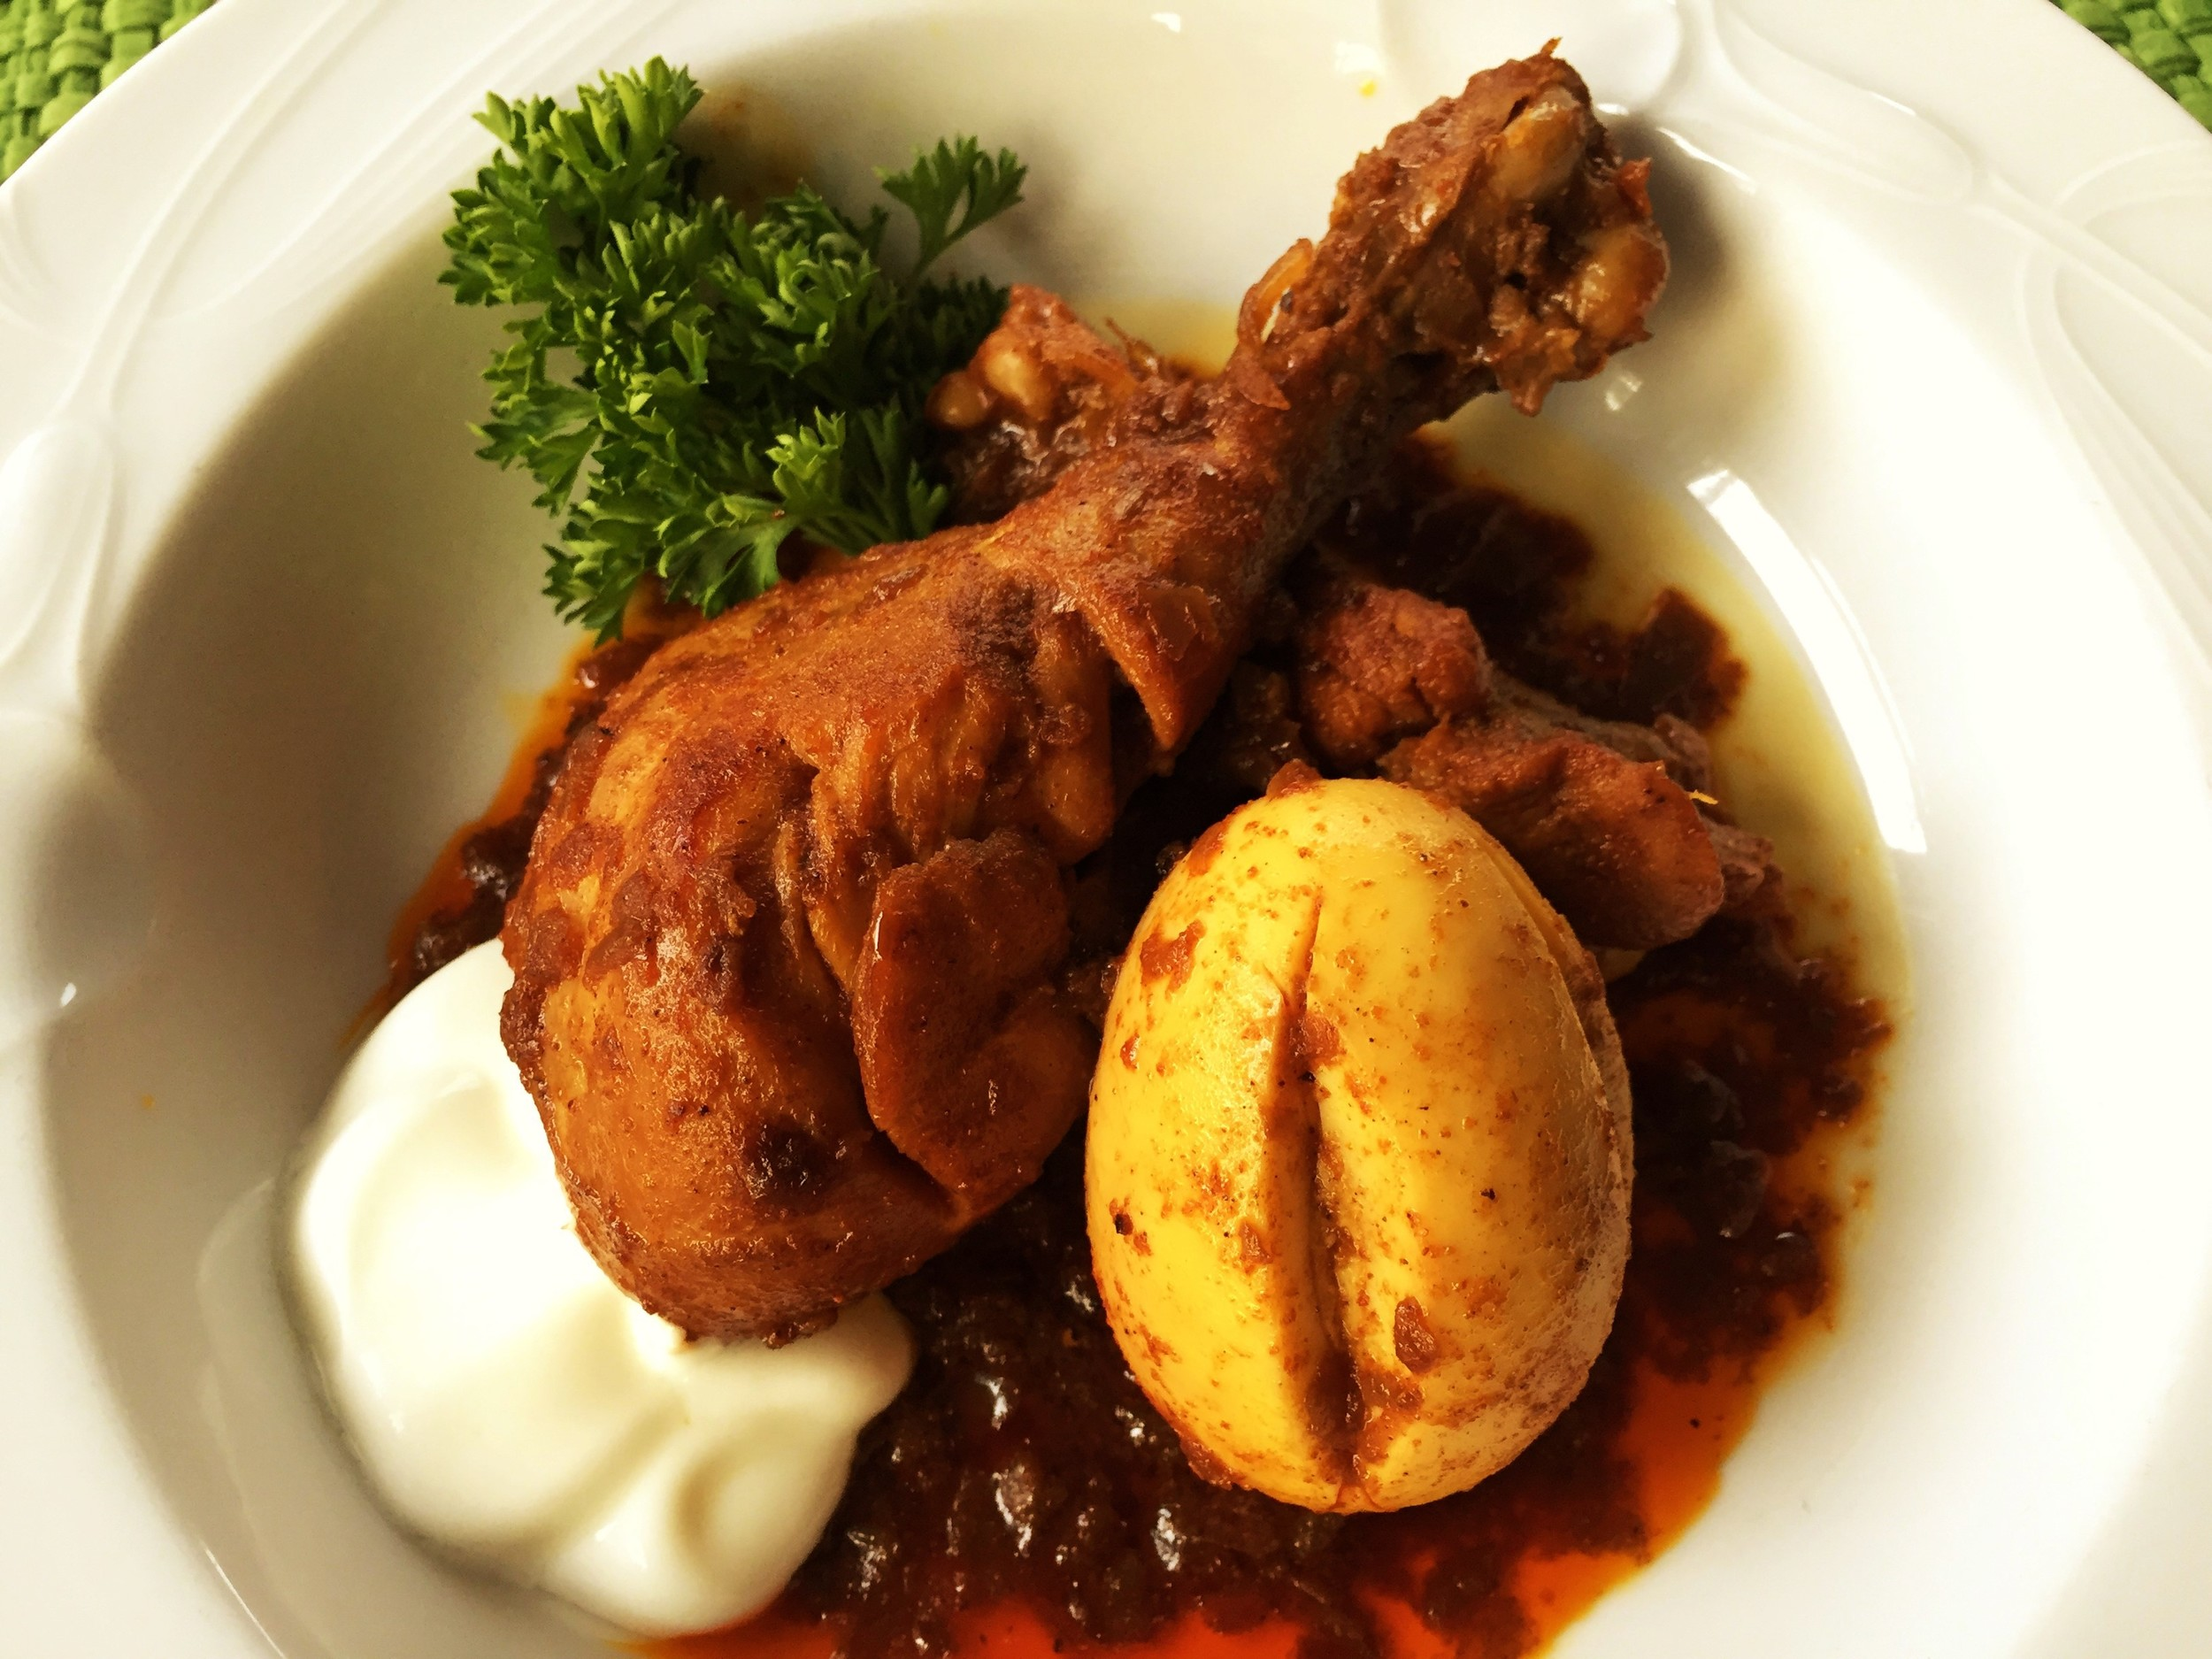 doro wat ethiopian chicken stew